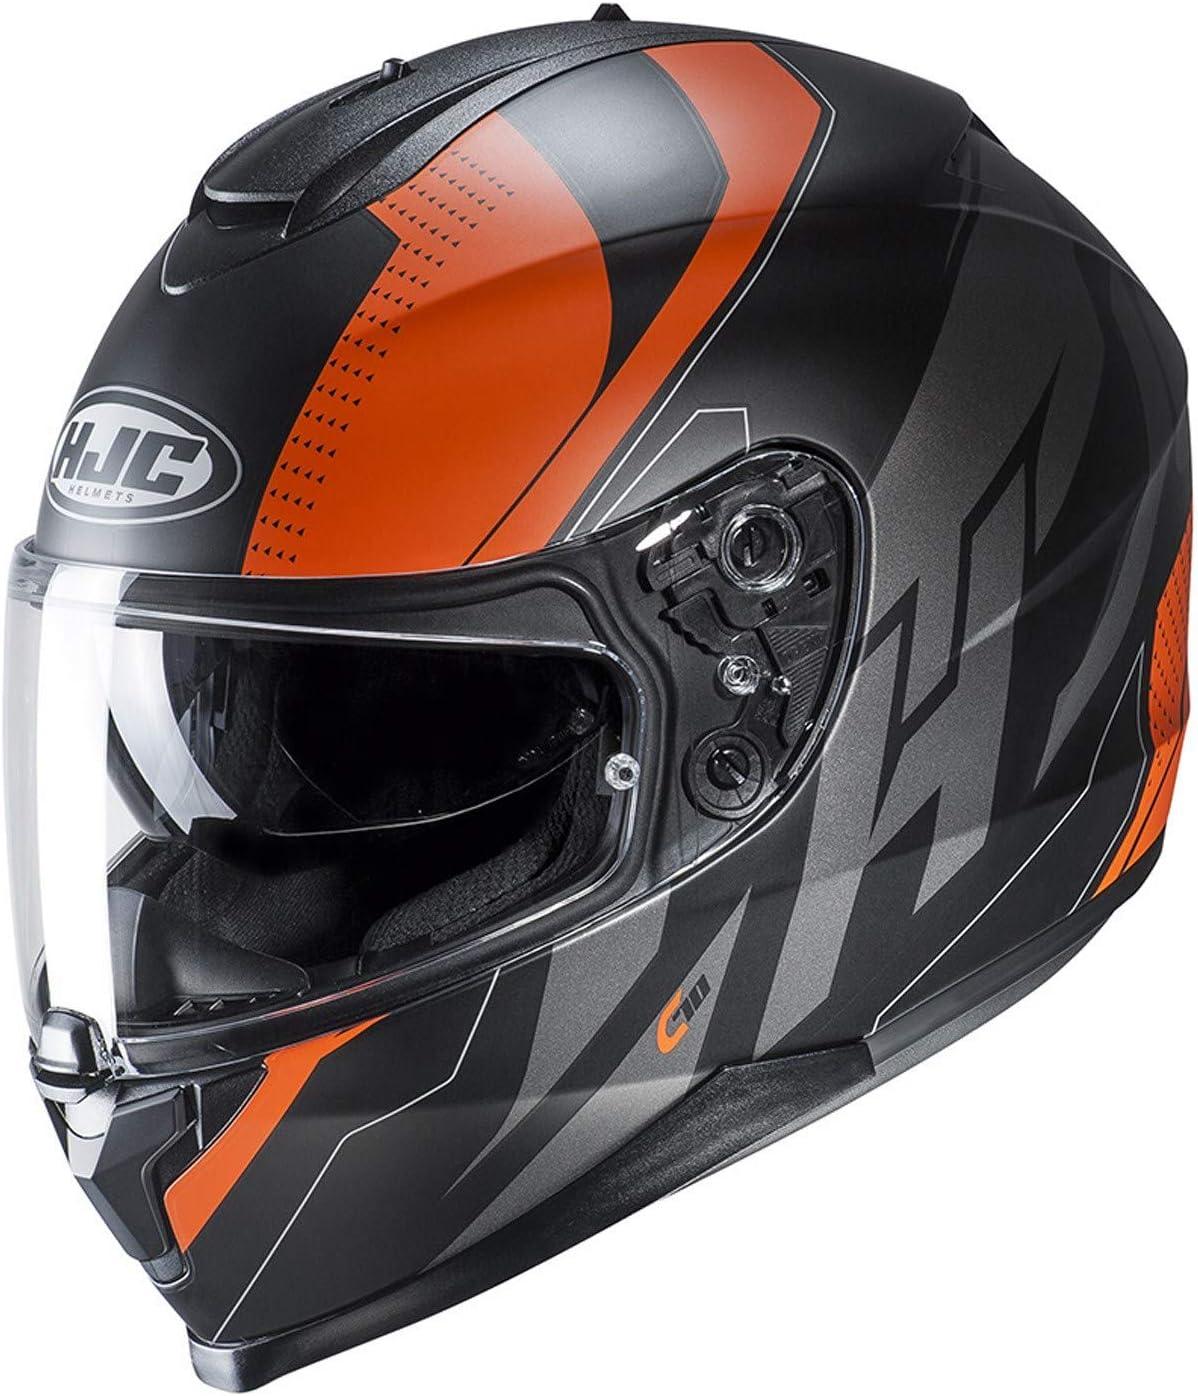 HJC Black C70 Boltas Motorcycle Helmet